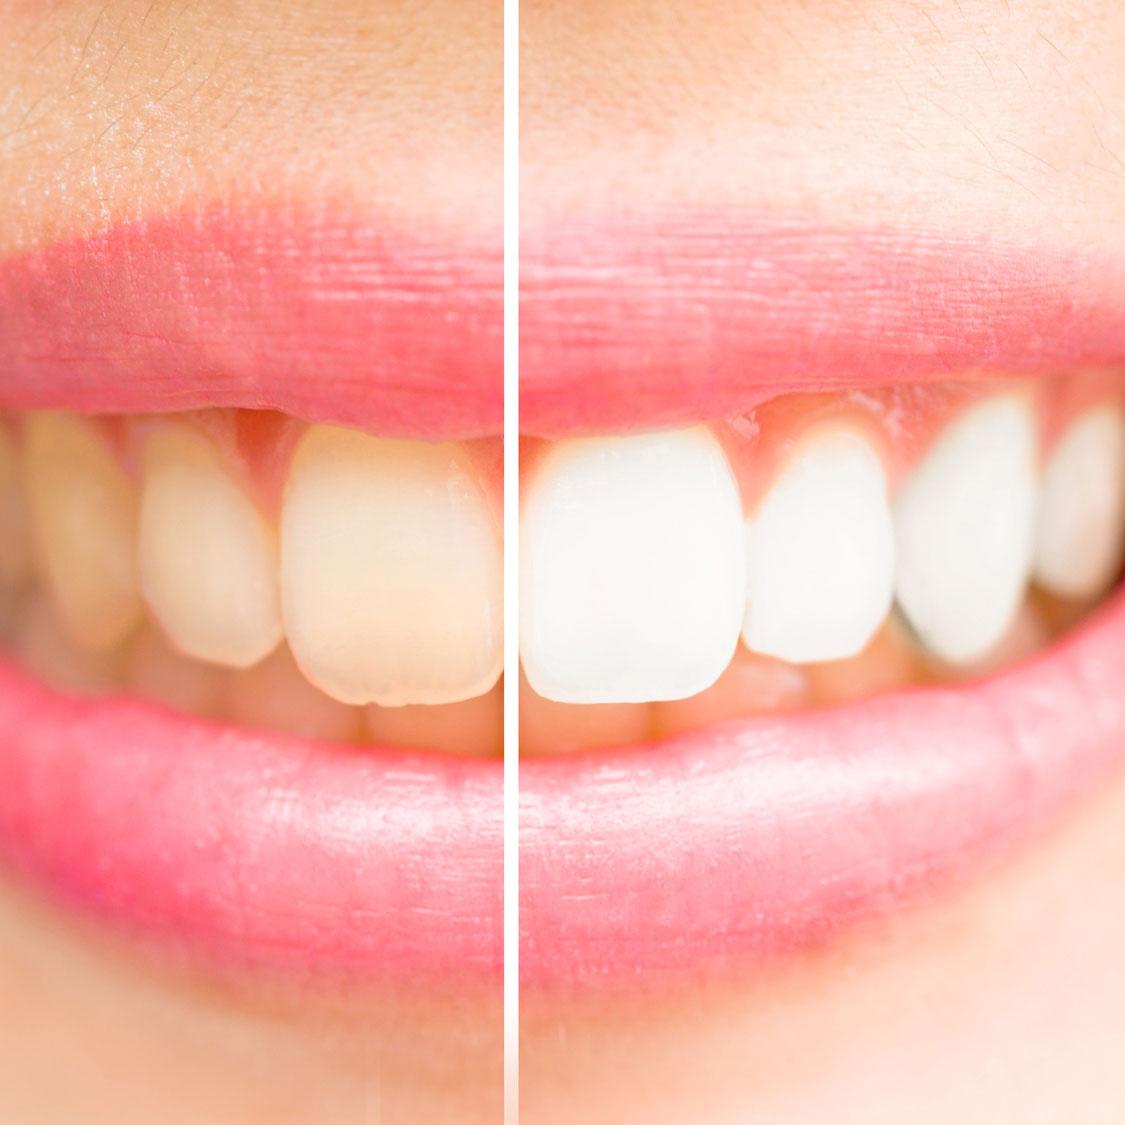 J'ai les dents jaunes